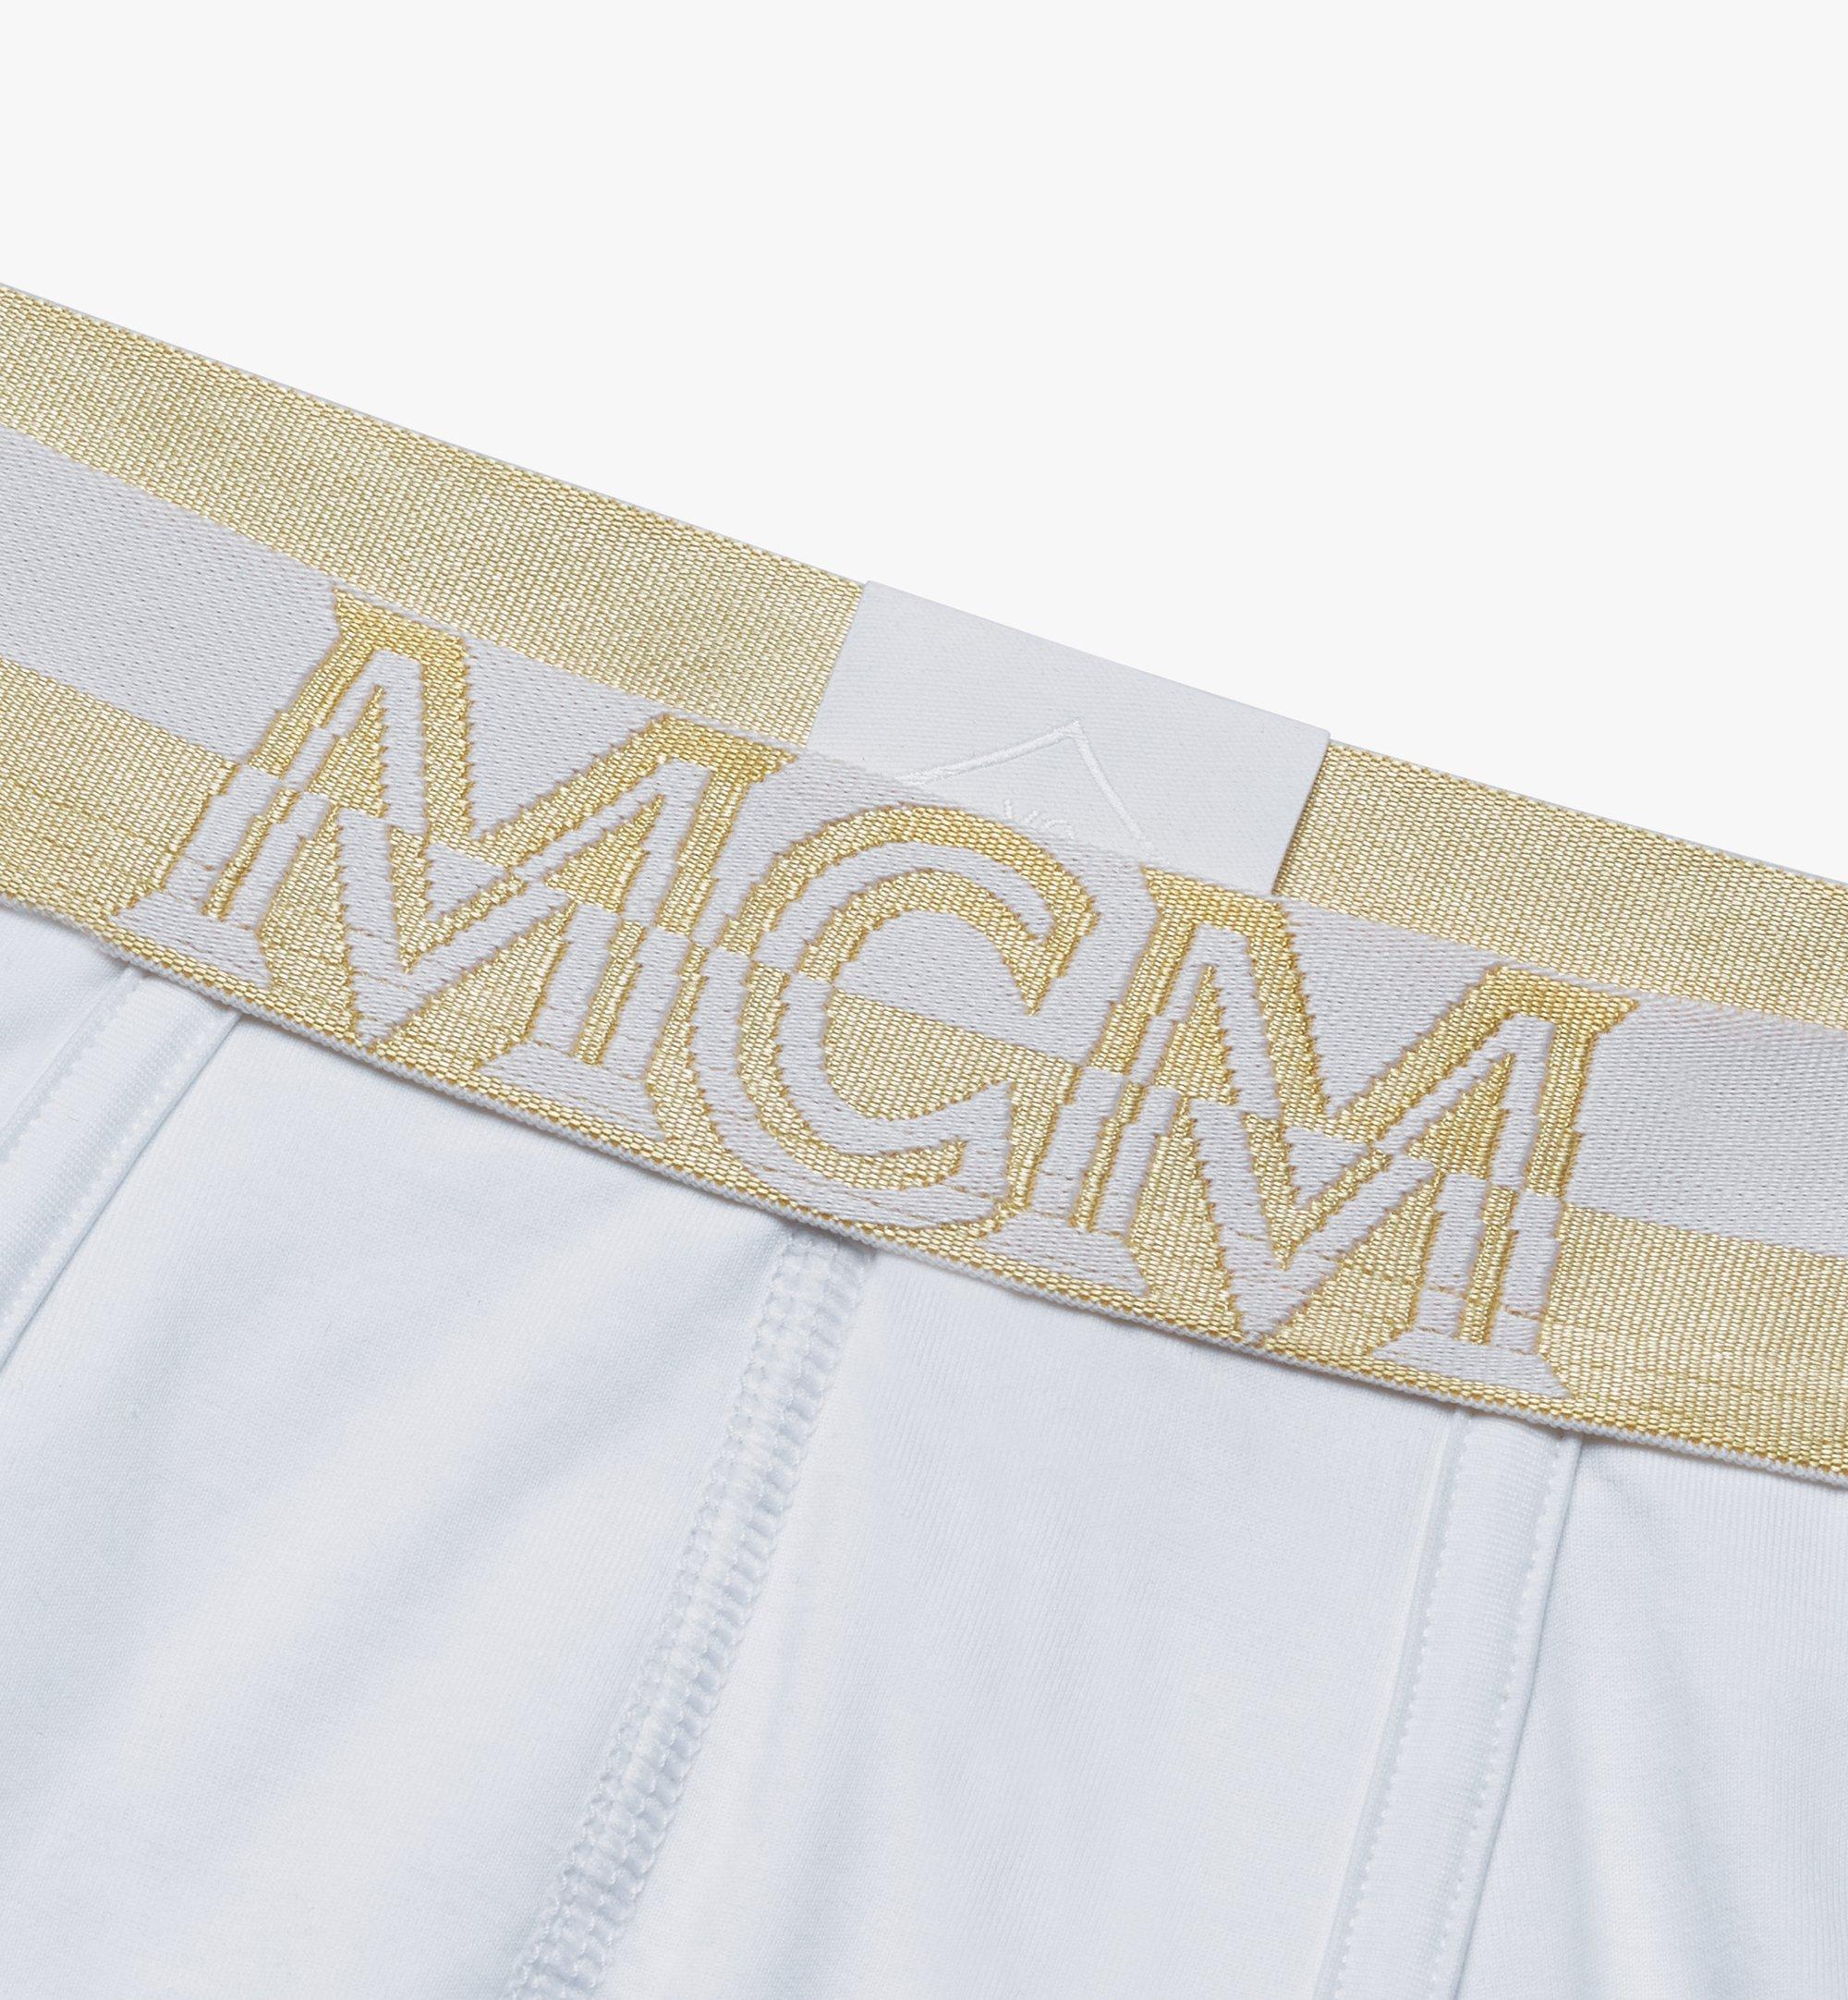 MCM 男士1976短款平角内裤 White MHYASBM02WT00L 更多视角 2